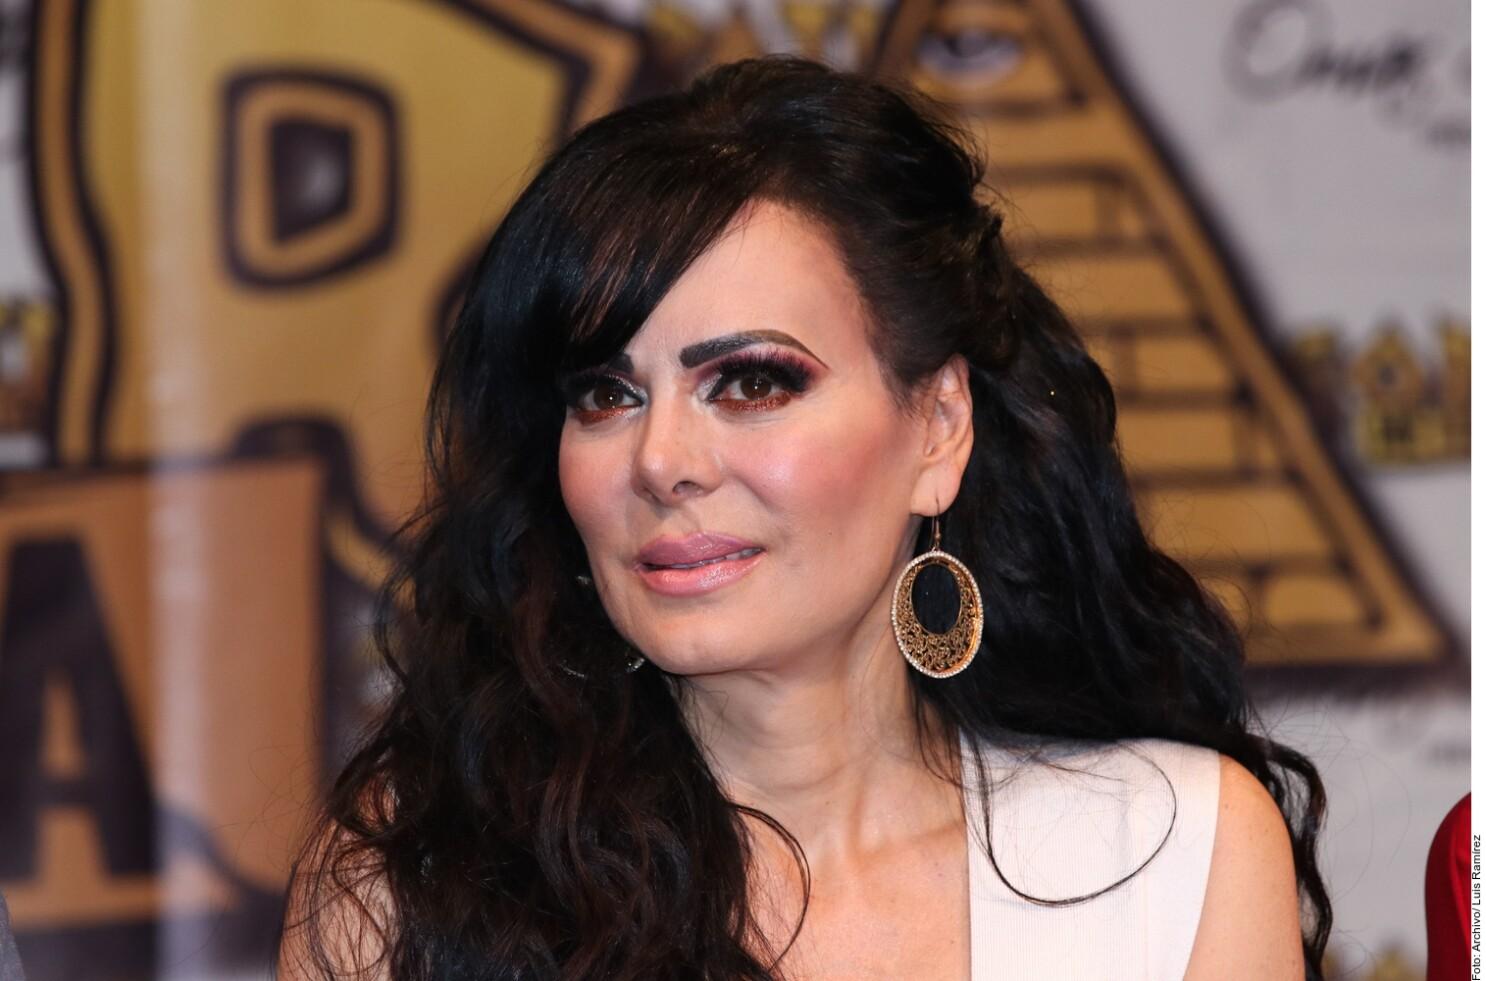 La actriz y cantante Maribel Guardia se pone a llorar a causa del ...